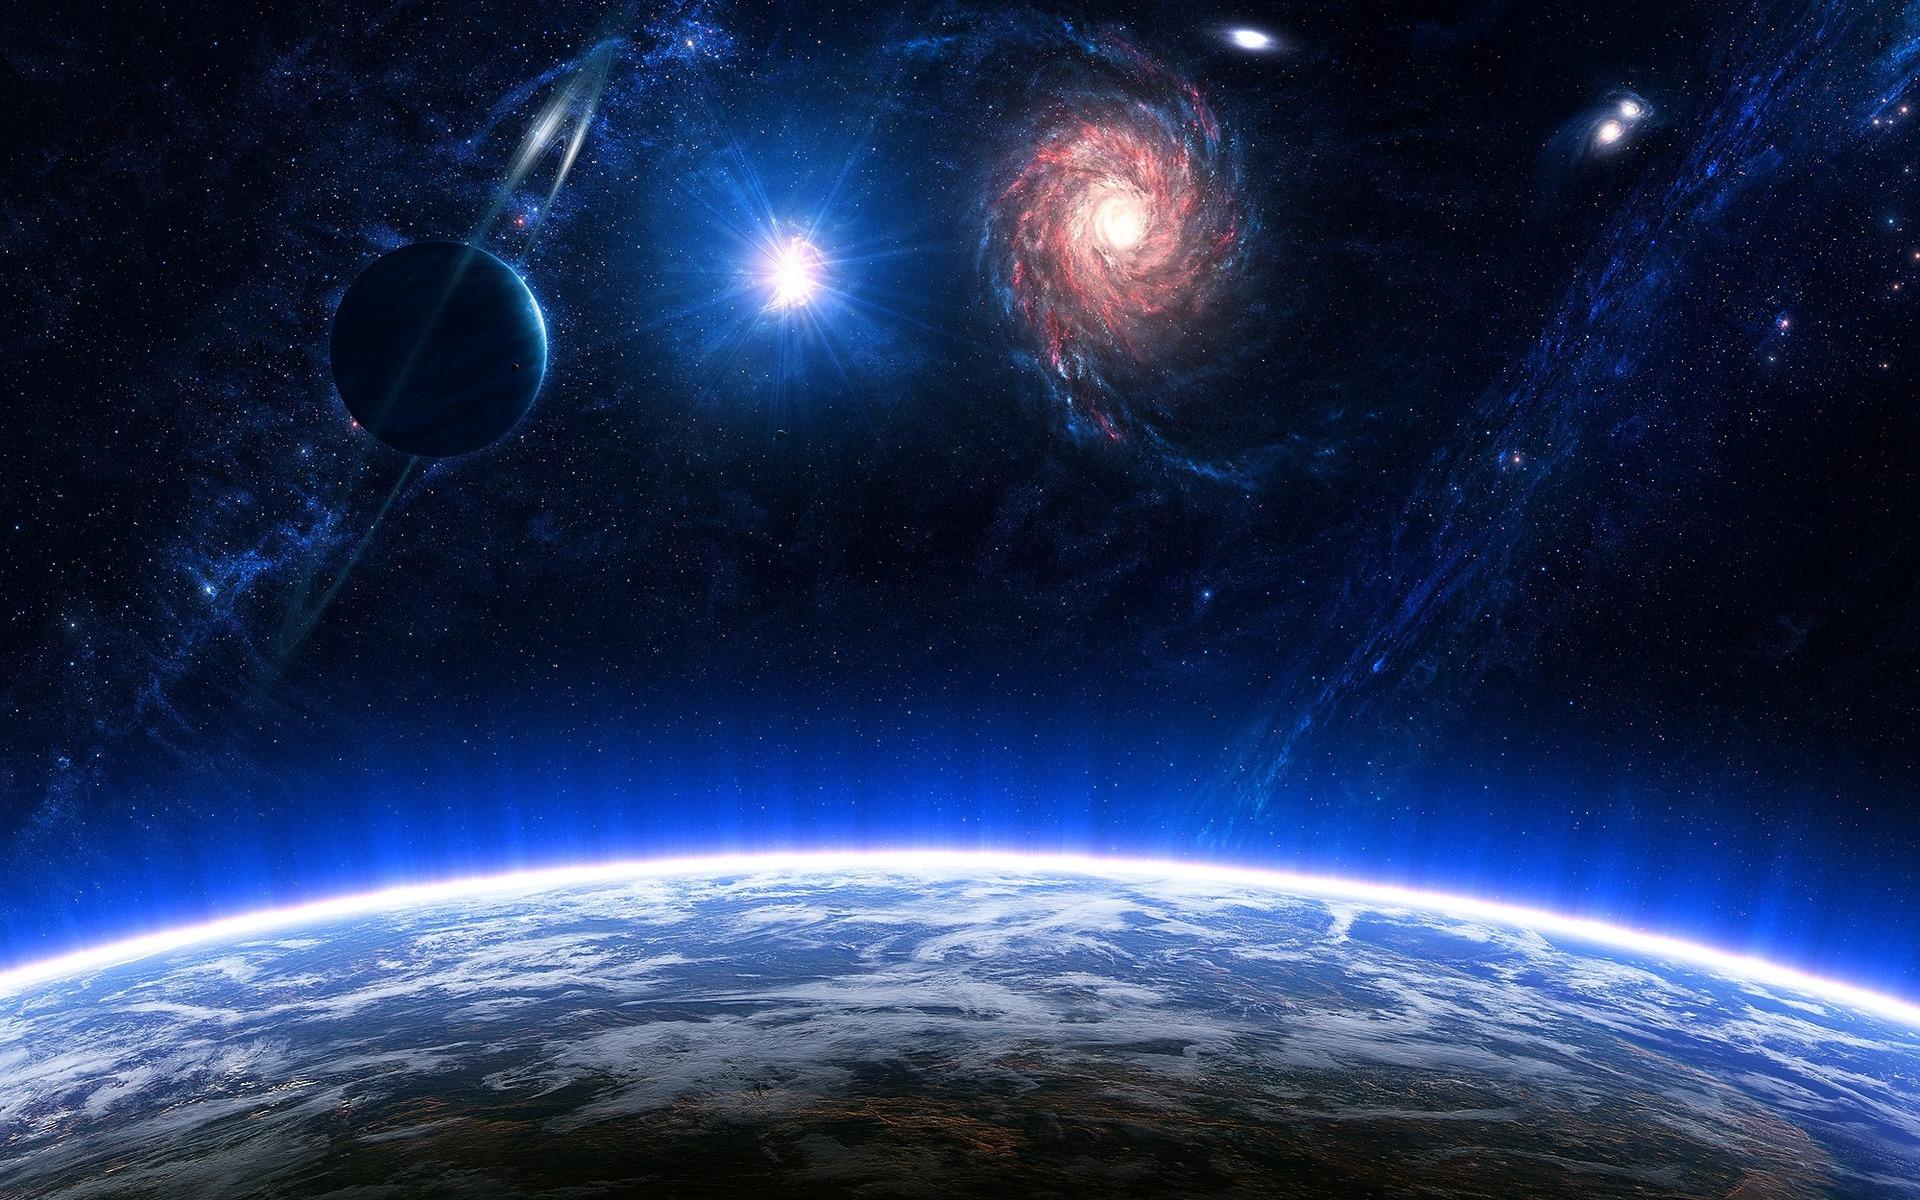 Обои космос вселенная планета картинки на рабочий стол на тему Космос - скачать  № 1955760  скачать